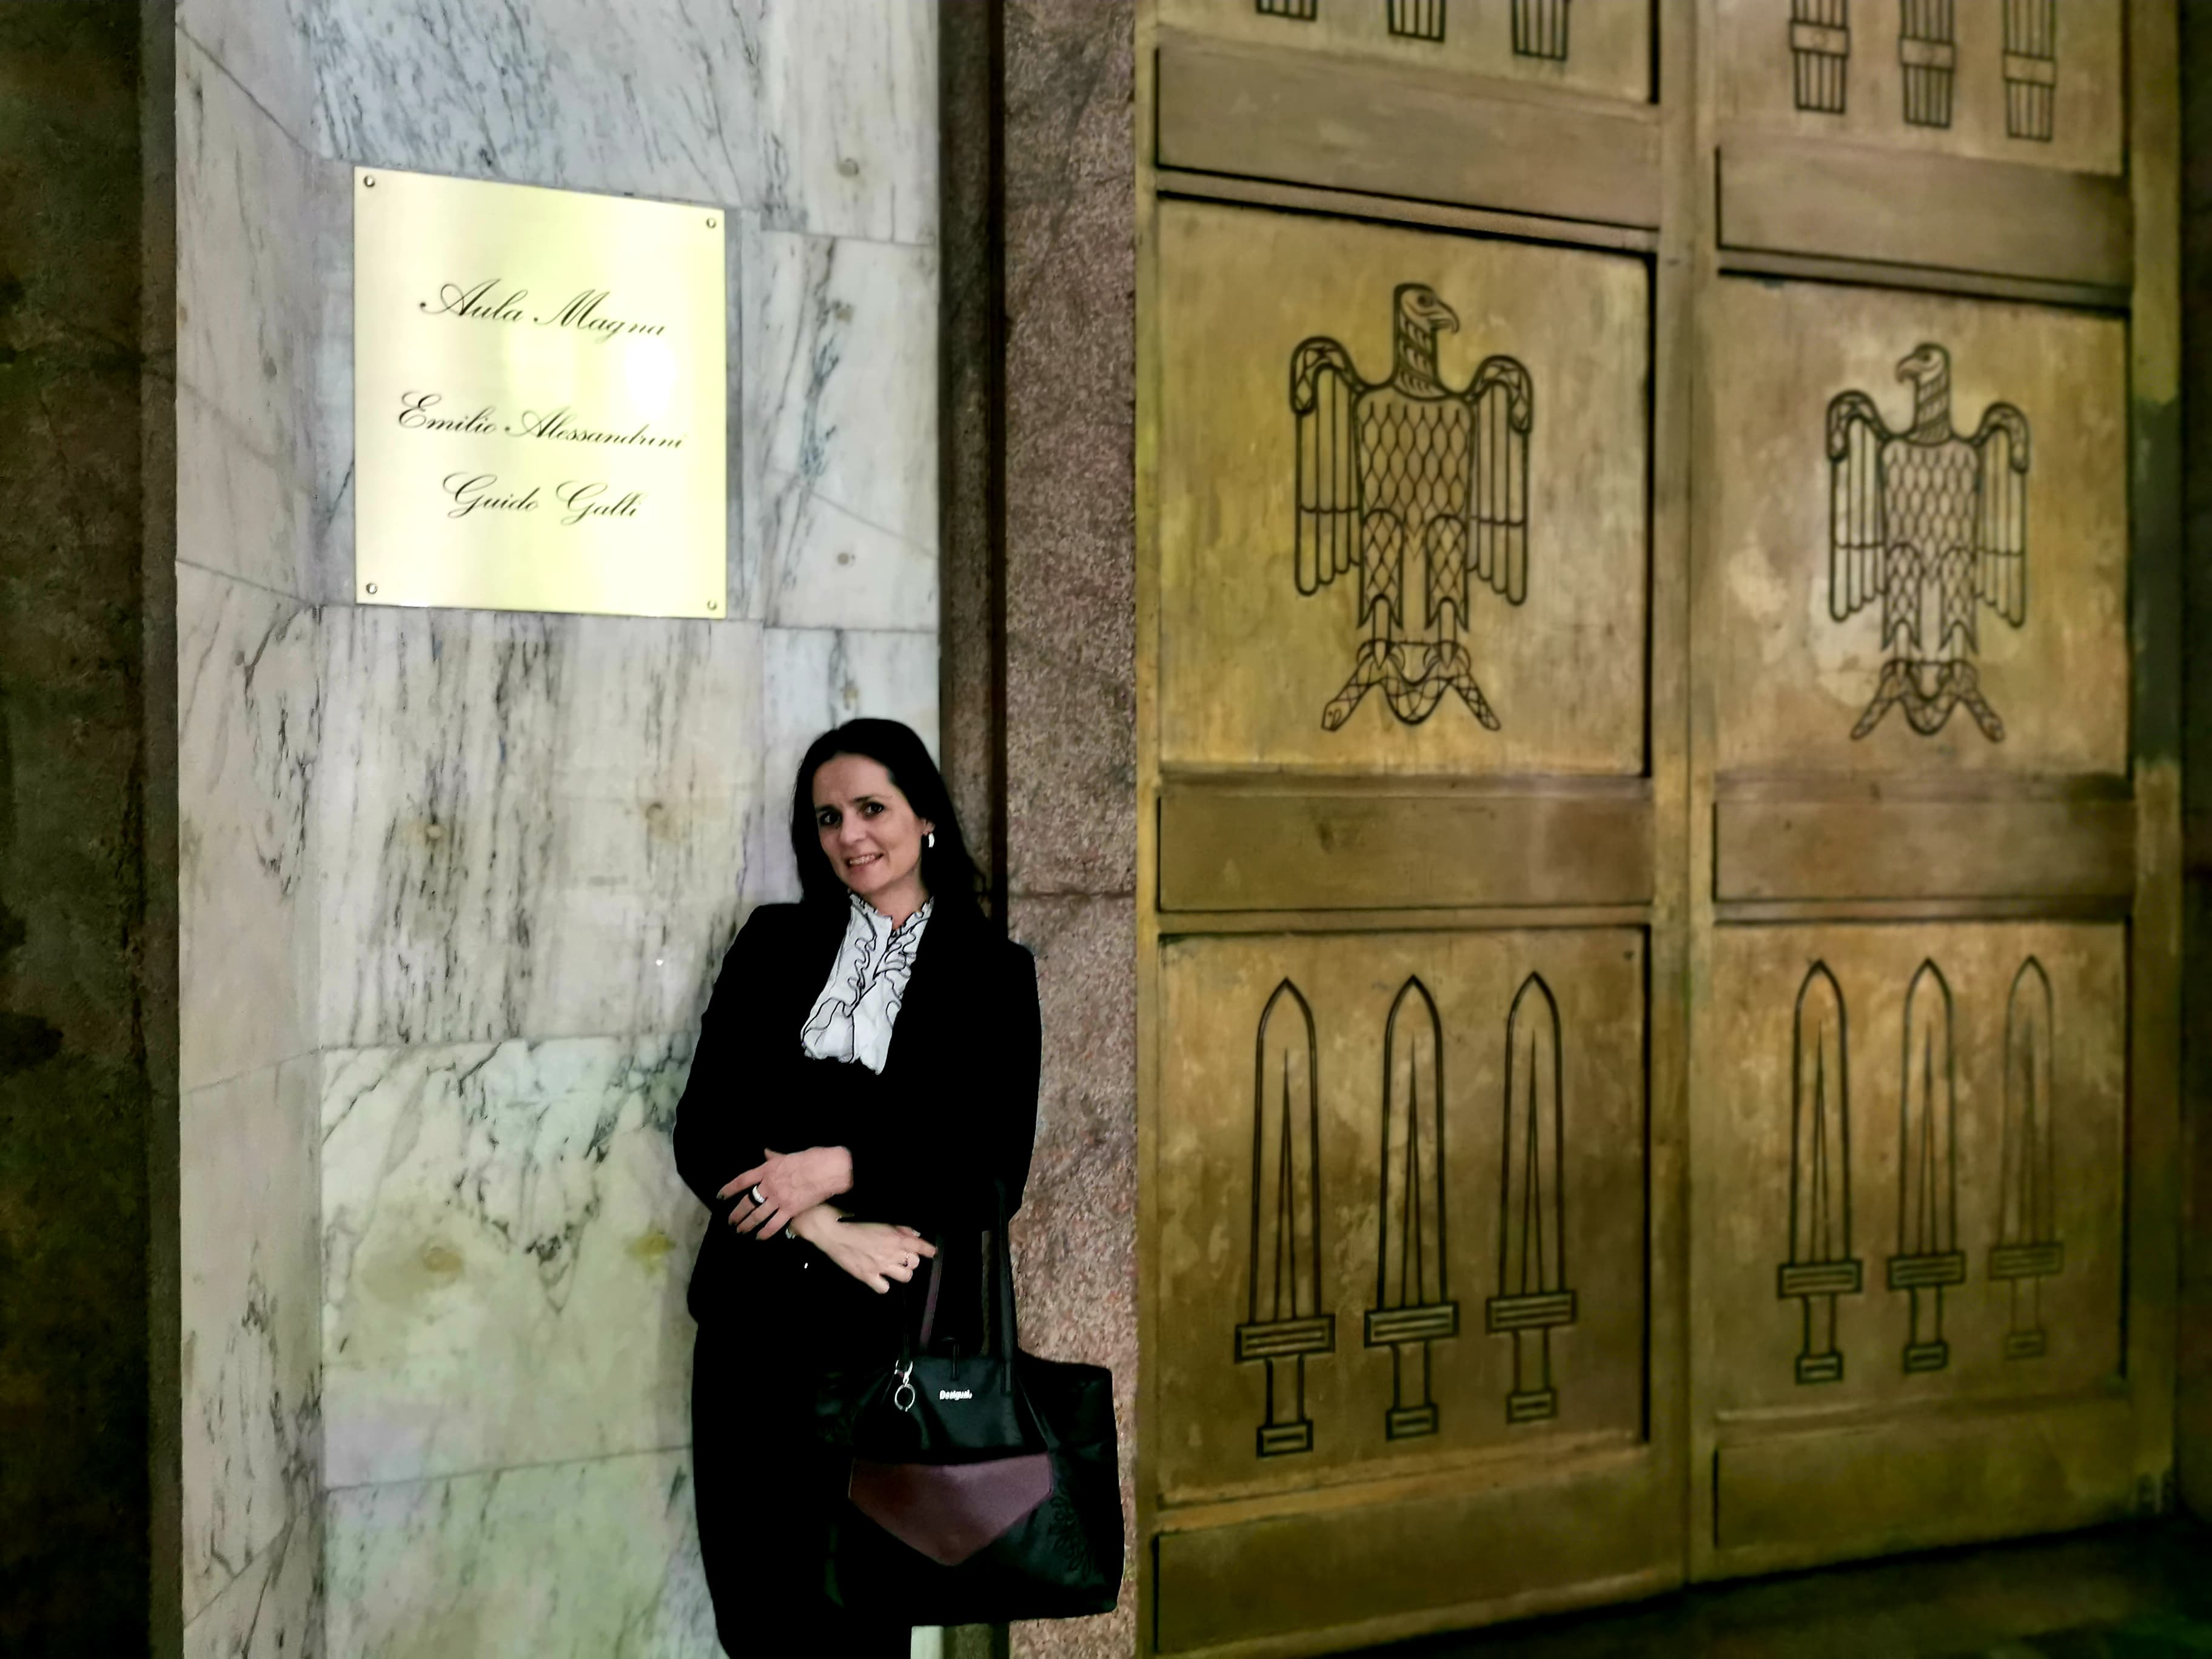 Gli avvocati bulgari, italiani e spagnoli hanno scambiato conoscenze sull'attuazione della Carta dei diritti fondamentali dell'Unione europea